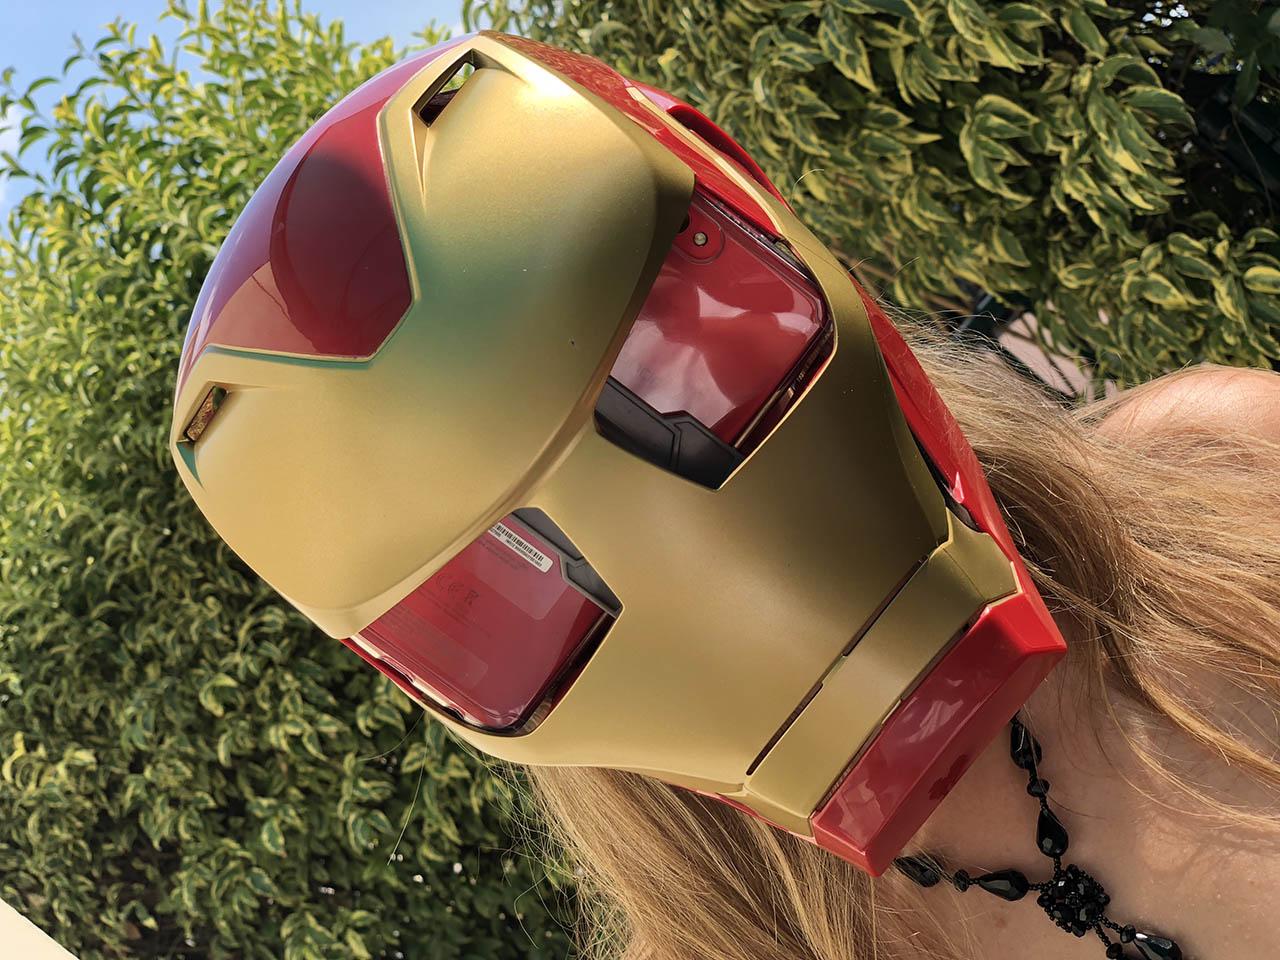 Le Joujou du Week-End : prenez-vous pour Iron Man pour venir à bout de Thanos